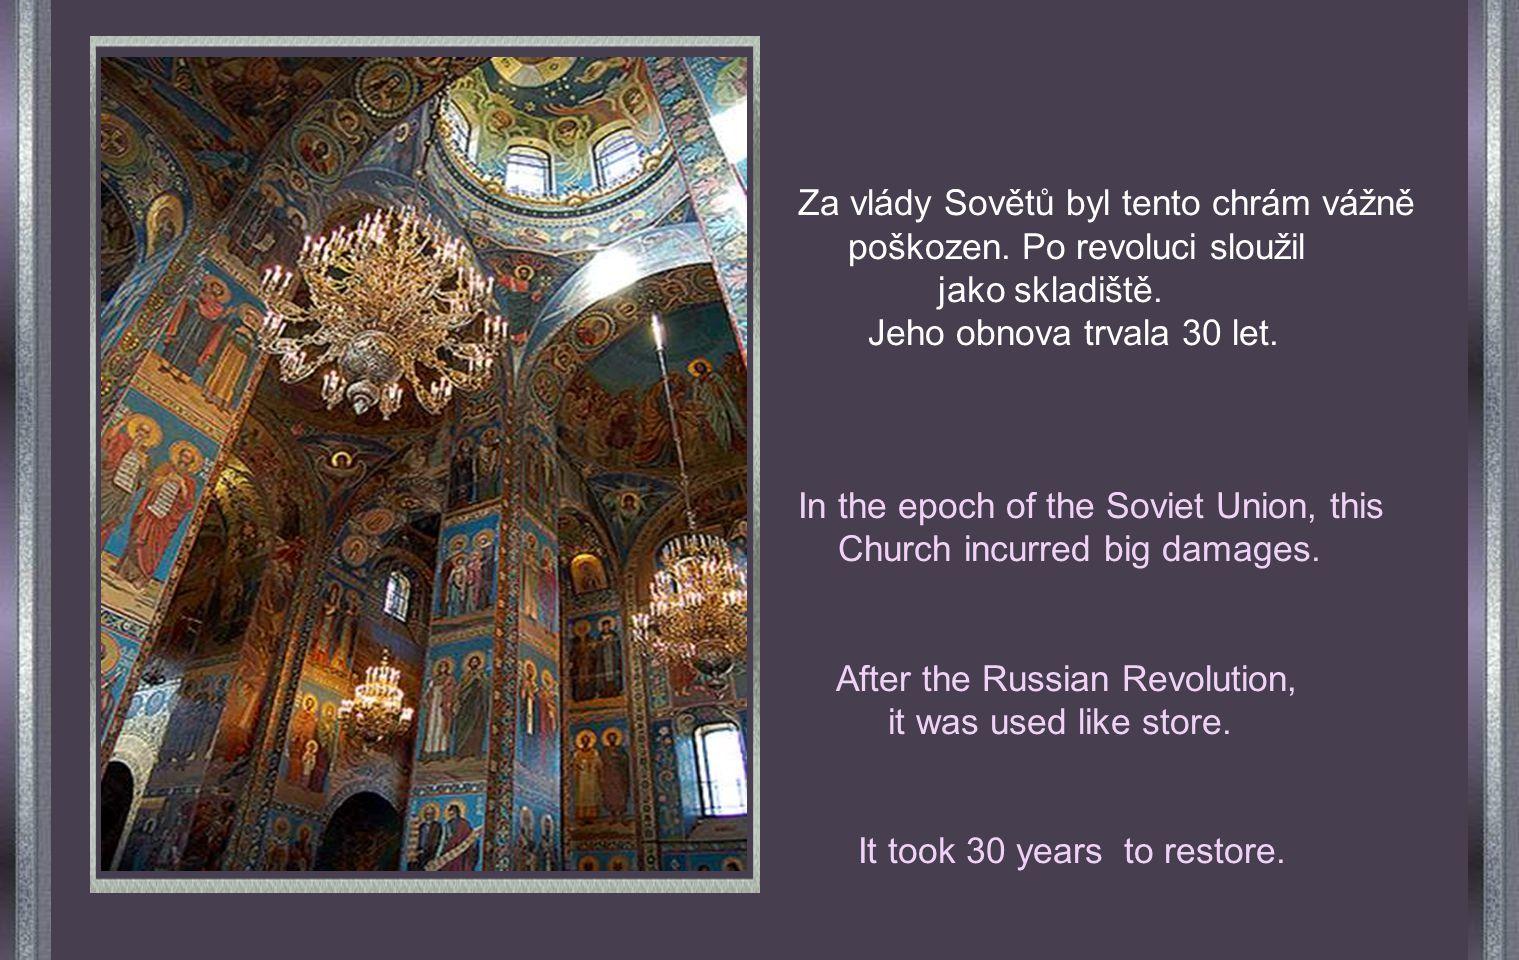 Tento chrám je skutečným zázrakem jak uvnitř, tak zvenčí. Uvnitř je zcela vyplněn mozaikami s náboženskými motivy. This Church, it is a marvel inside